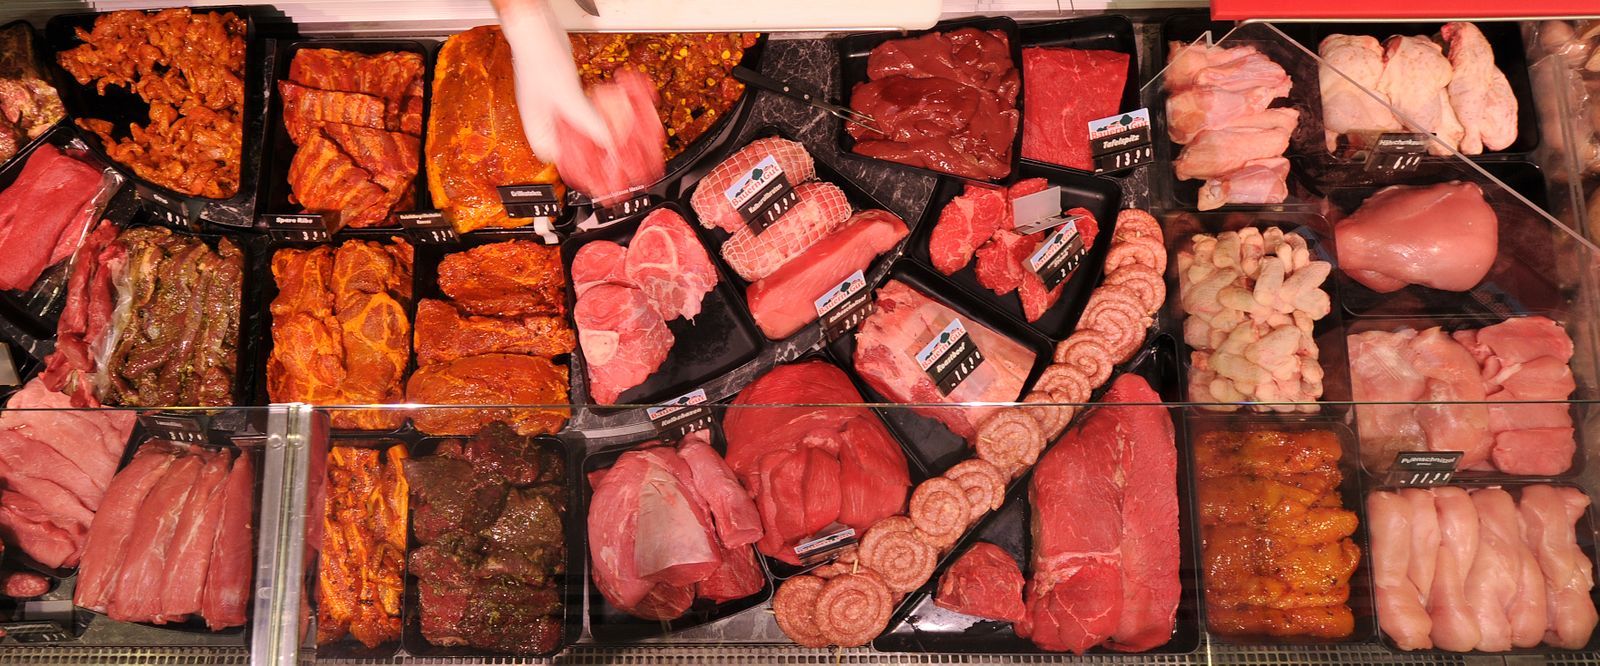 Nachhaltigkeitsziele/ Fleisch